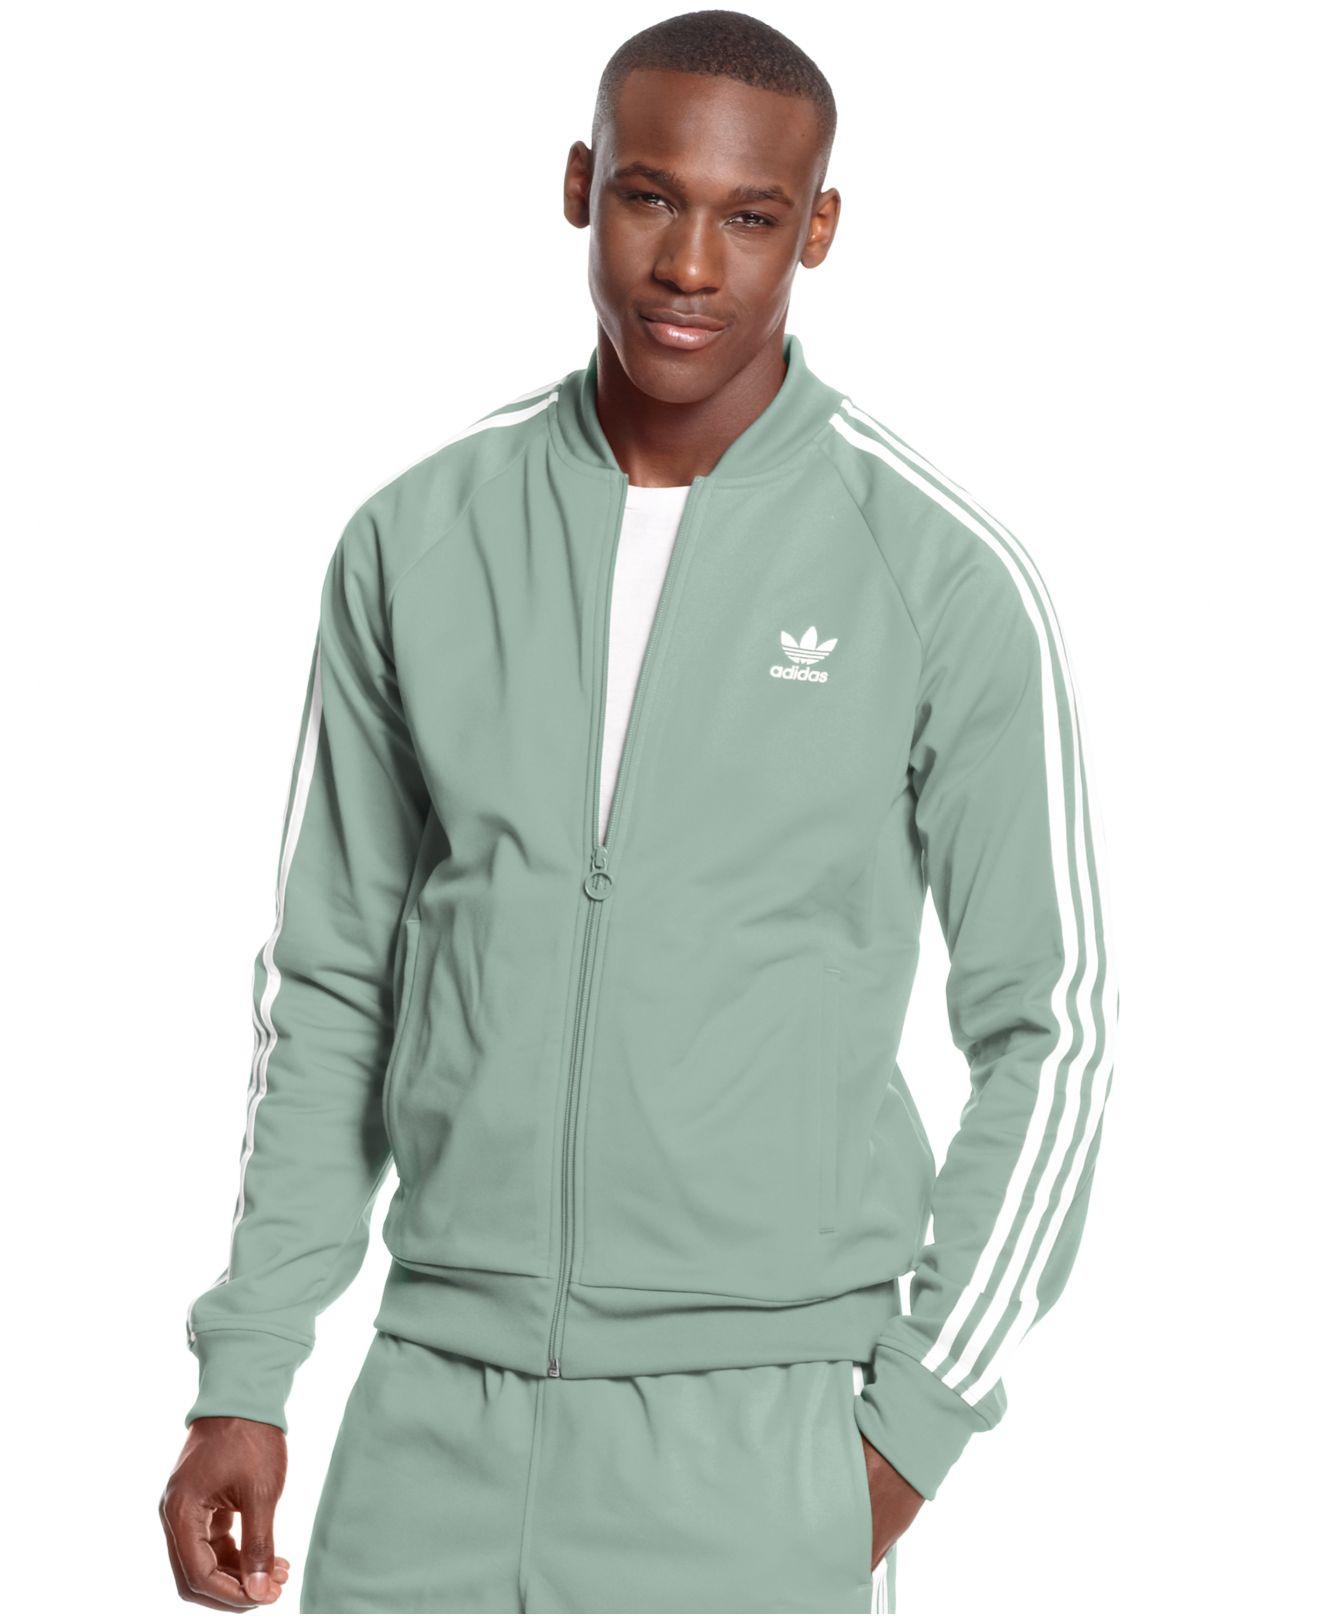 64b211b88b4d Lyst - adidas Originals Superstar Track Jacket in Gray for Men